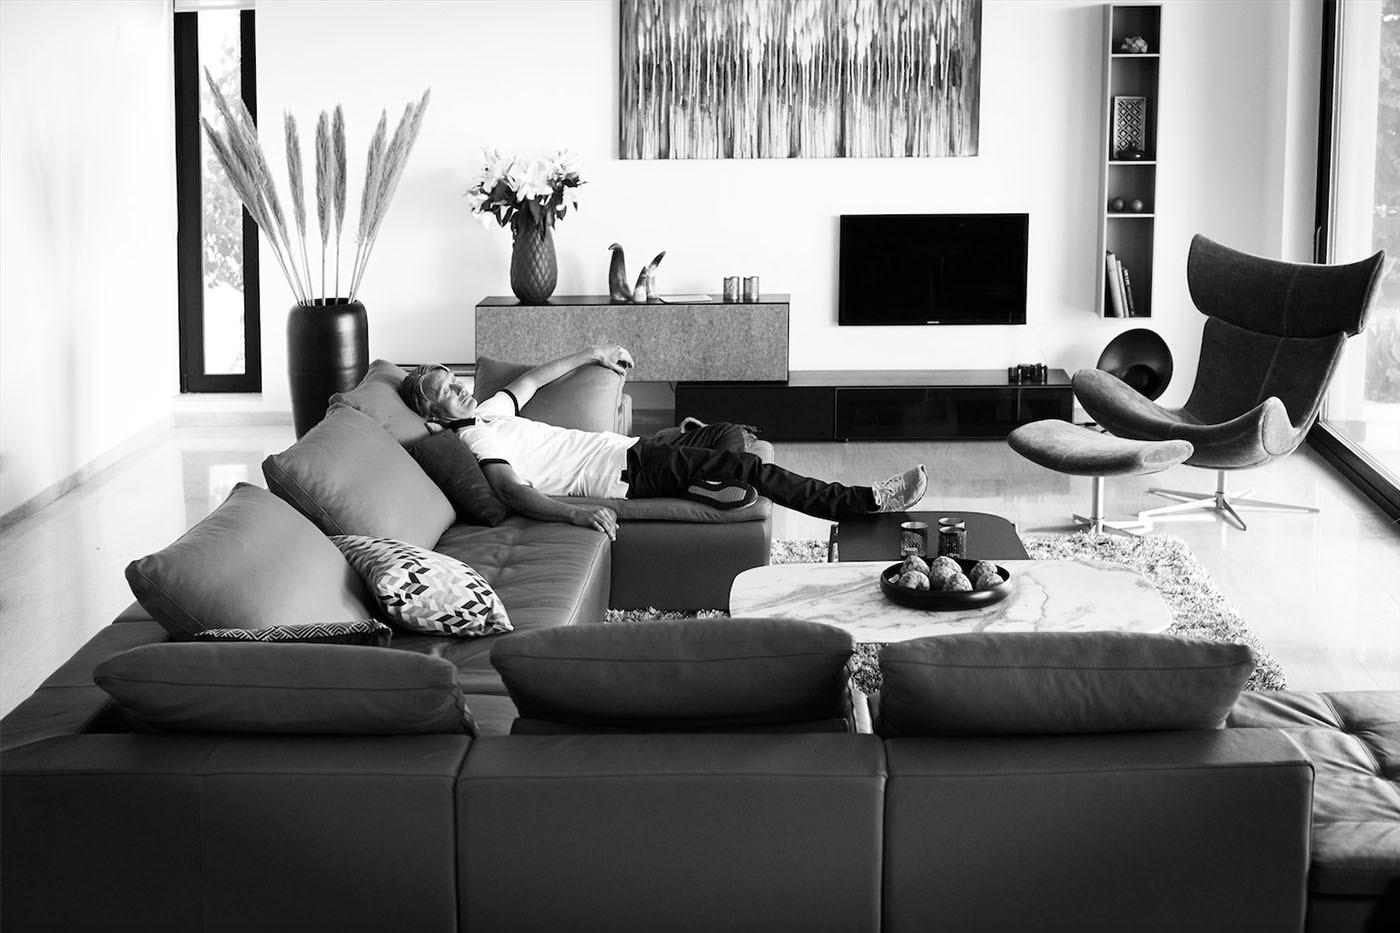 The guest maximiza tus espacios interiores con boconcept Beo concept